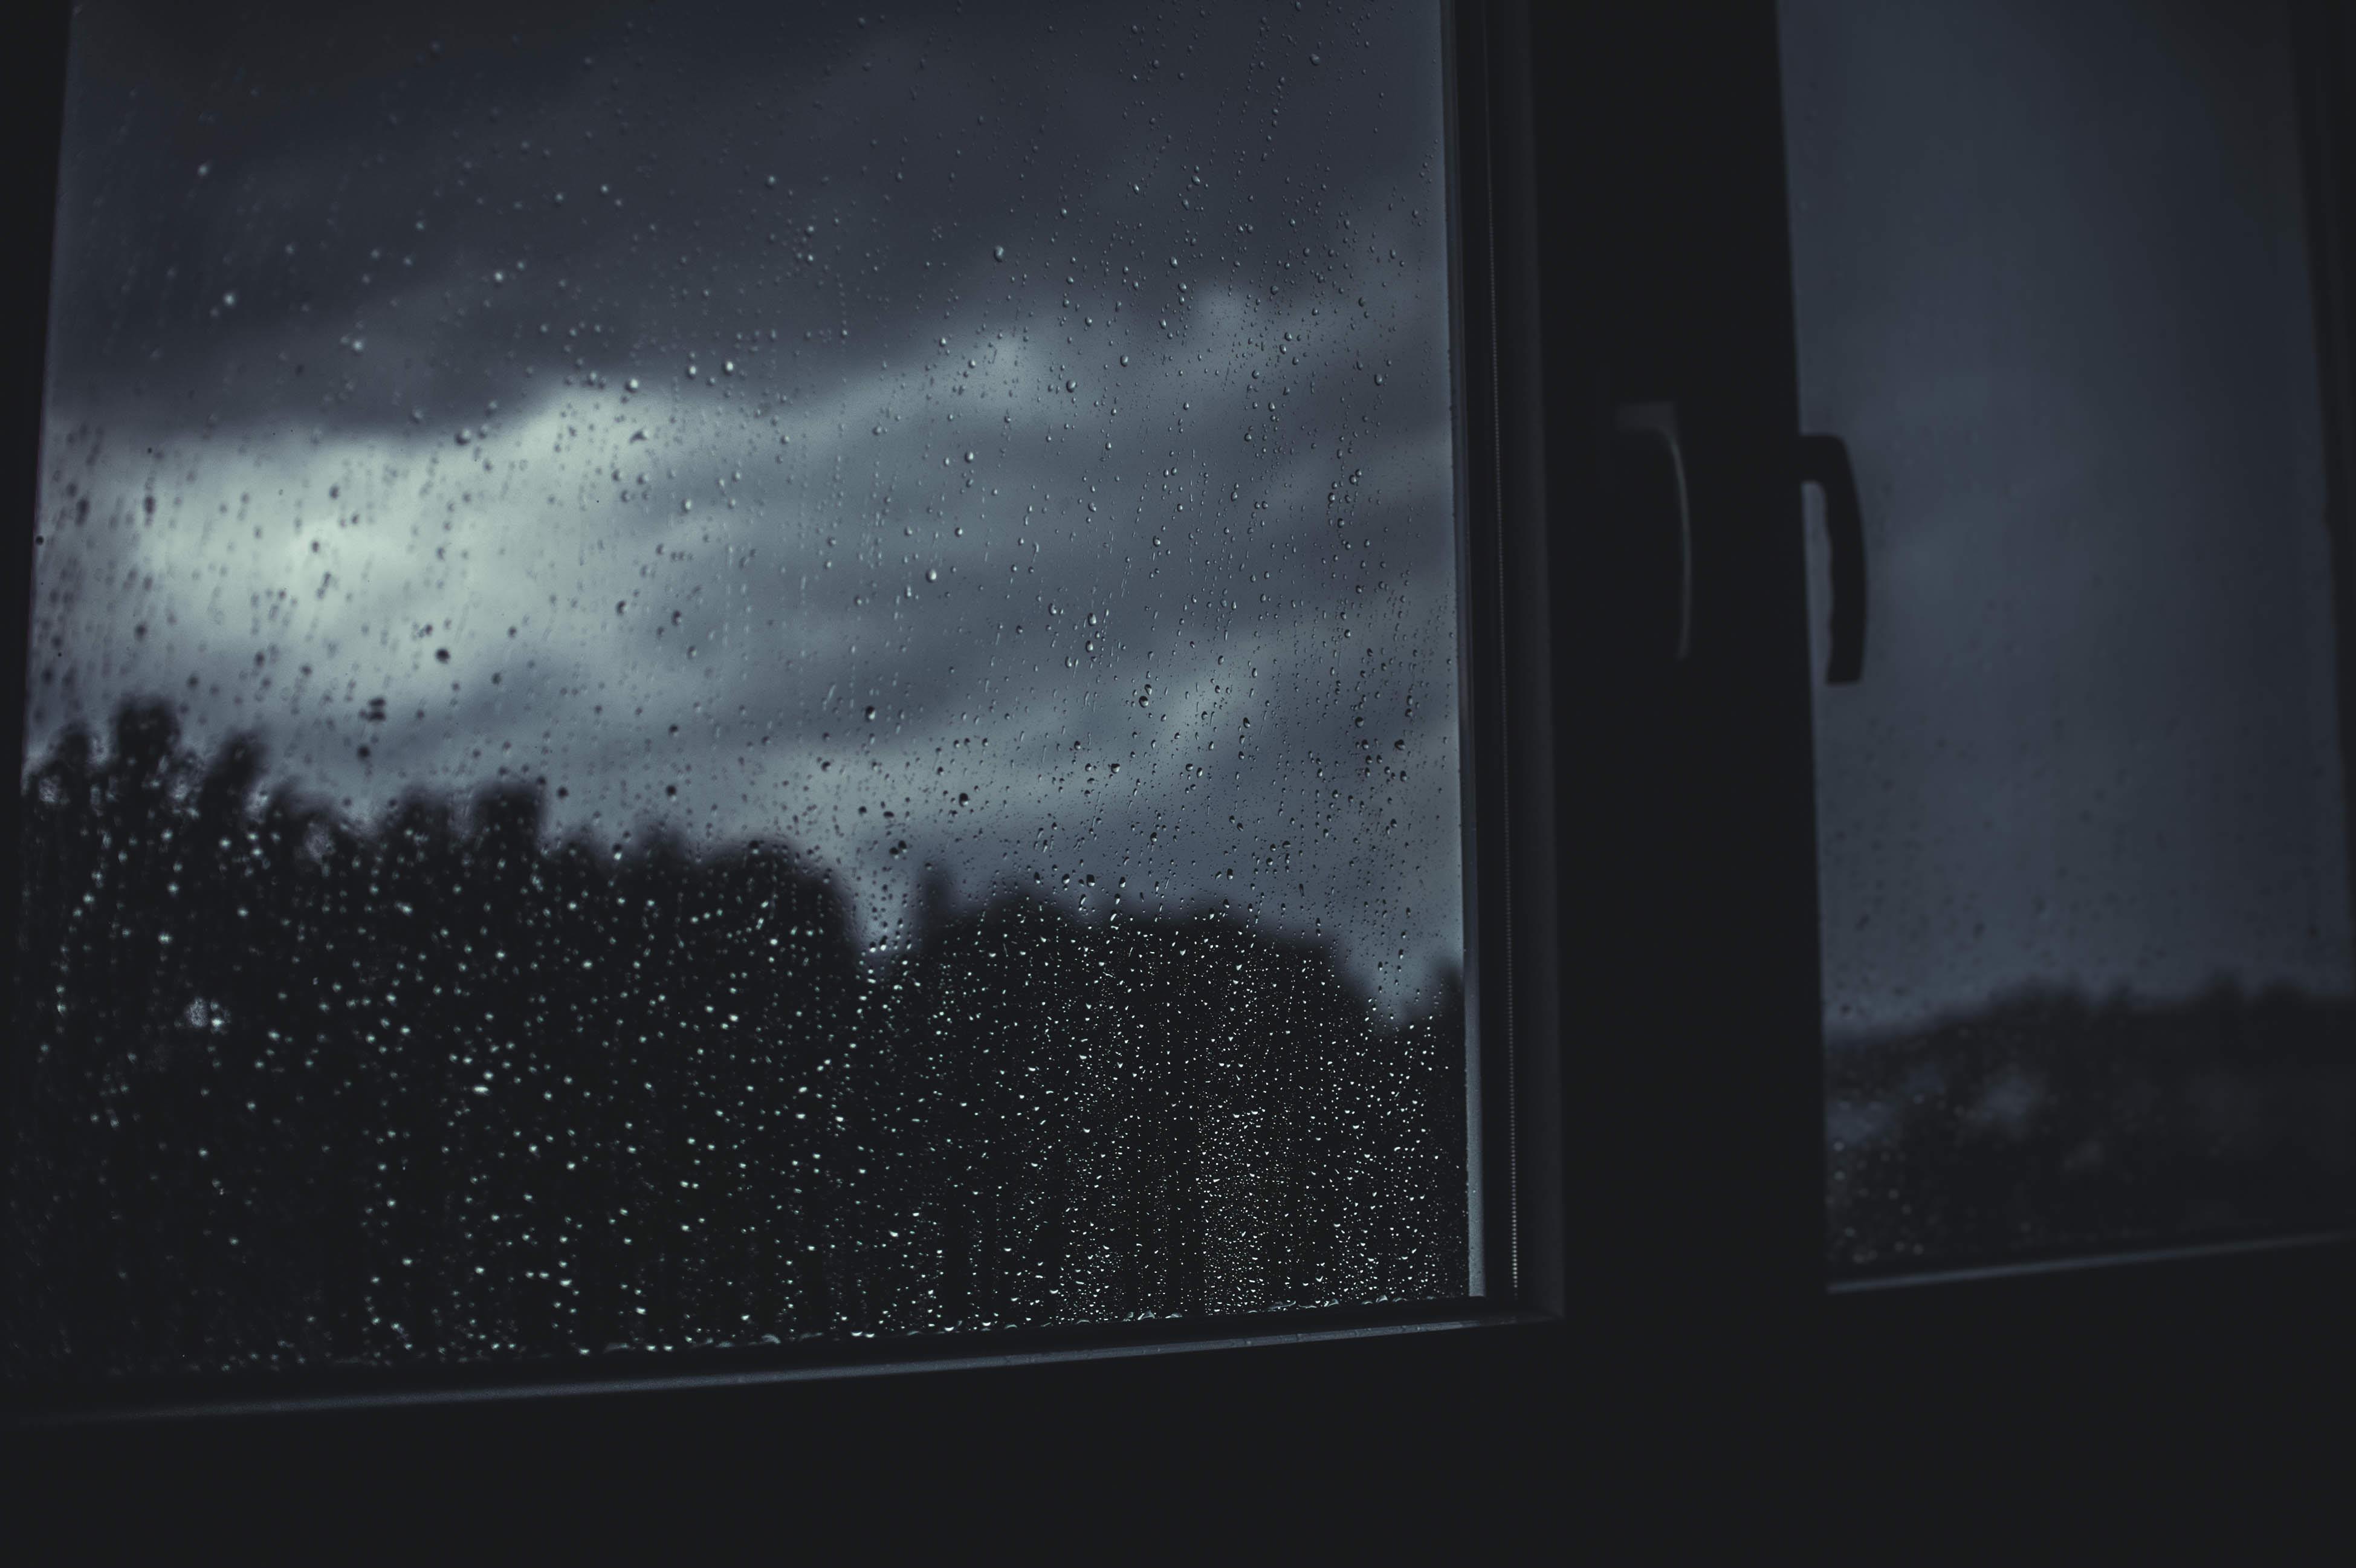 картинки дождь за окном грусть узких